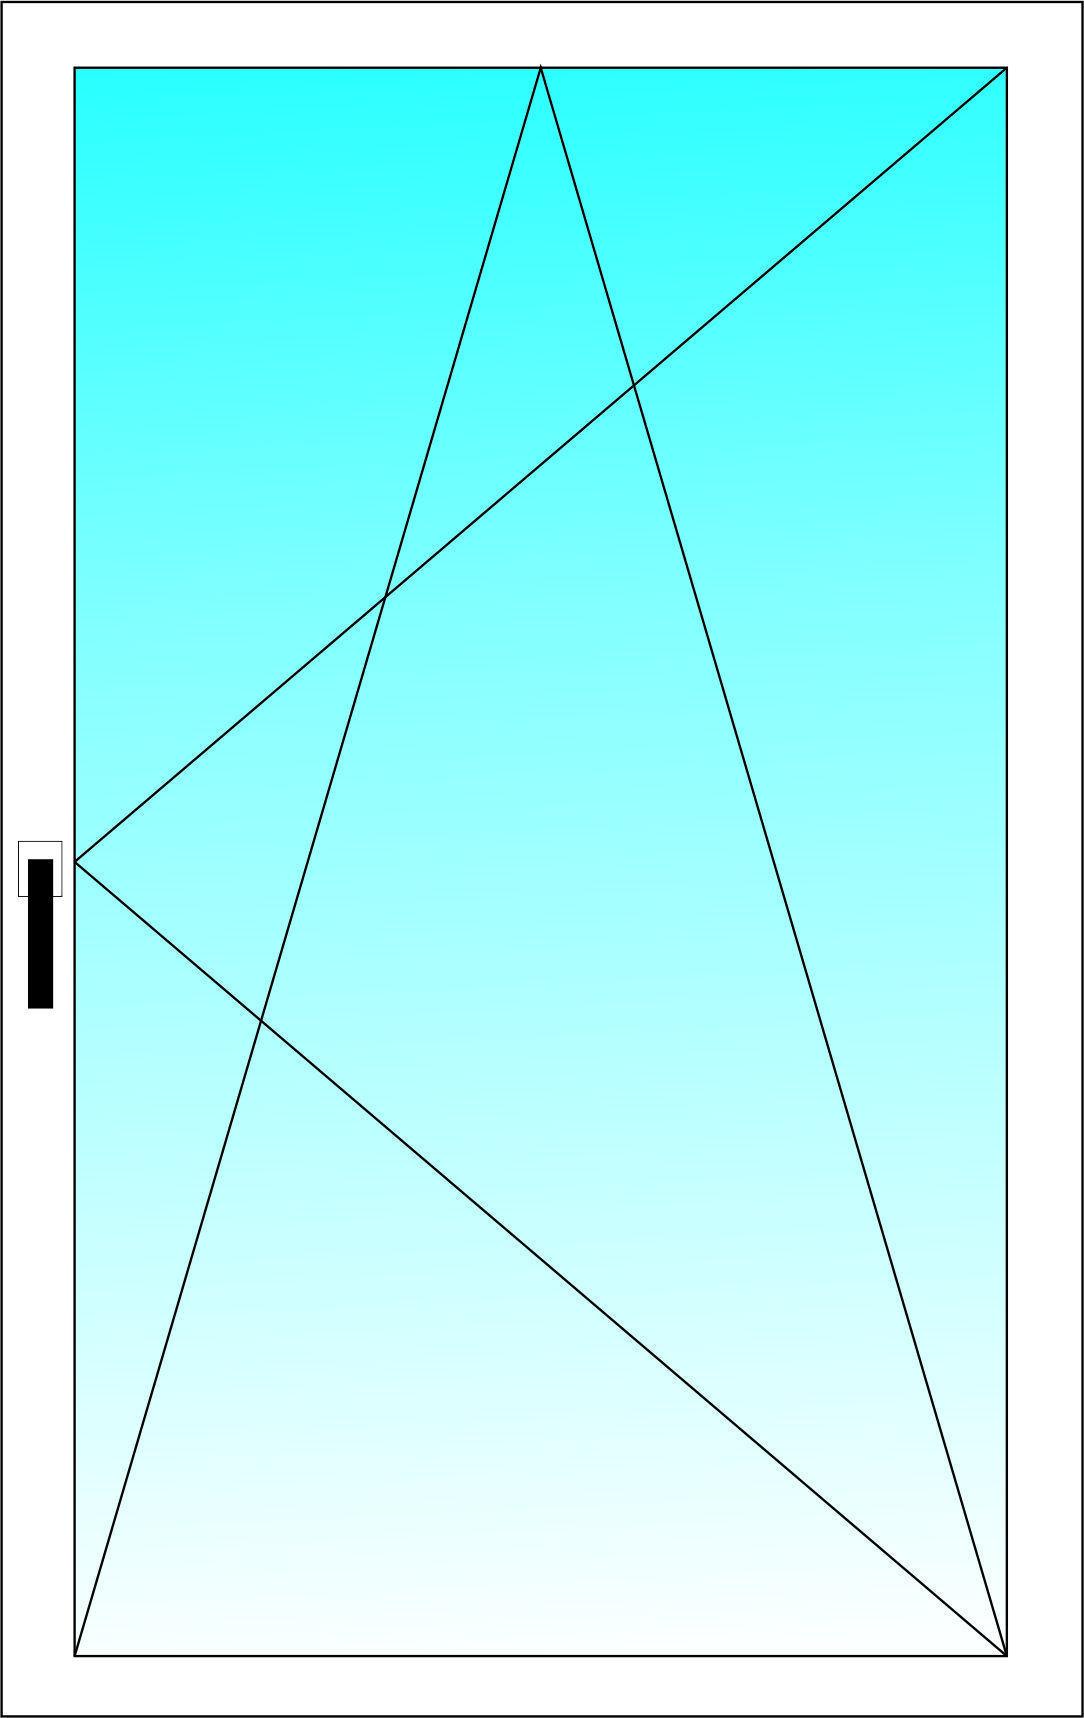 Окно поворотно-откидное ALUPLAST 3-х камерный профиль с двухкамерным энергосберегающим стеклопакетом 1000х700 мм